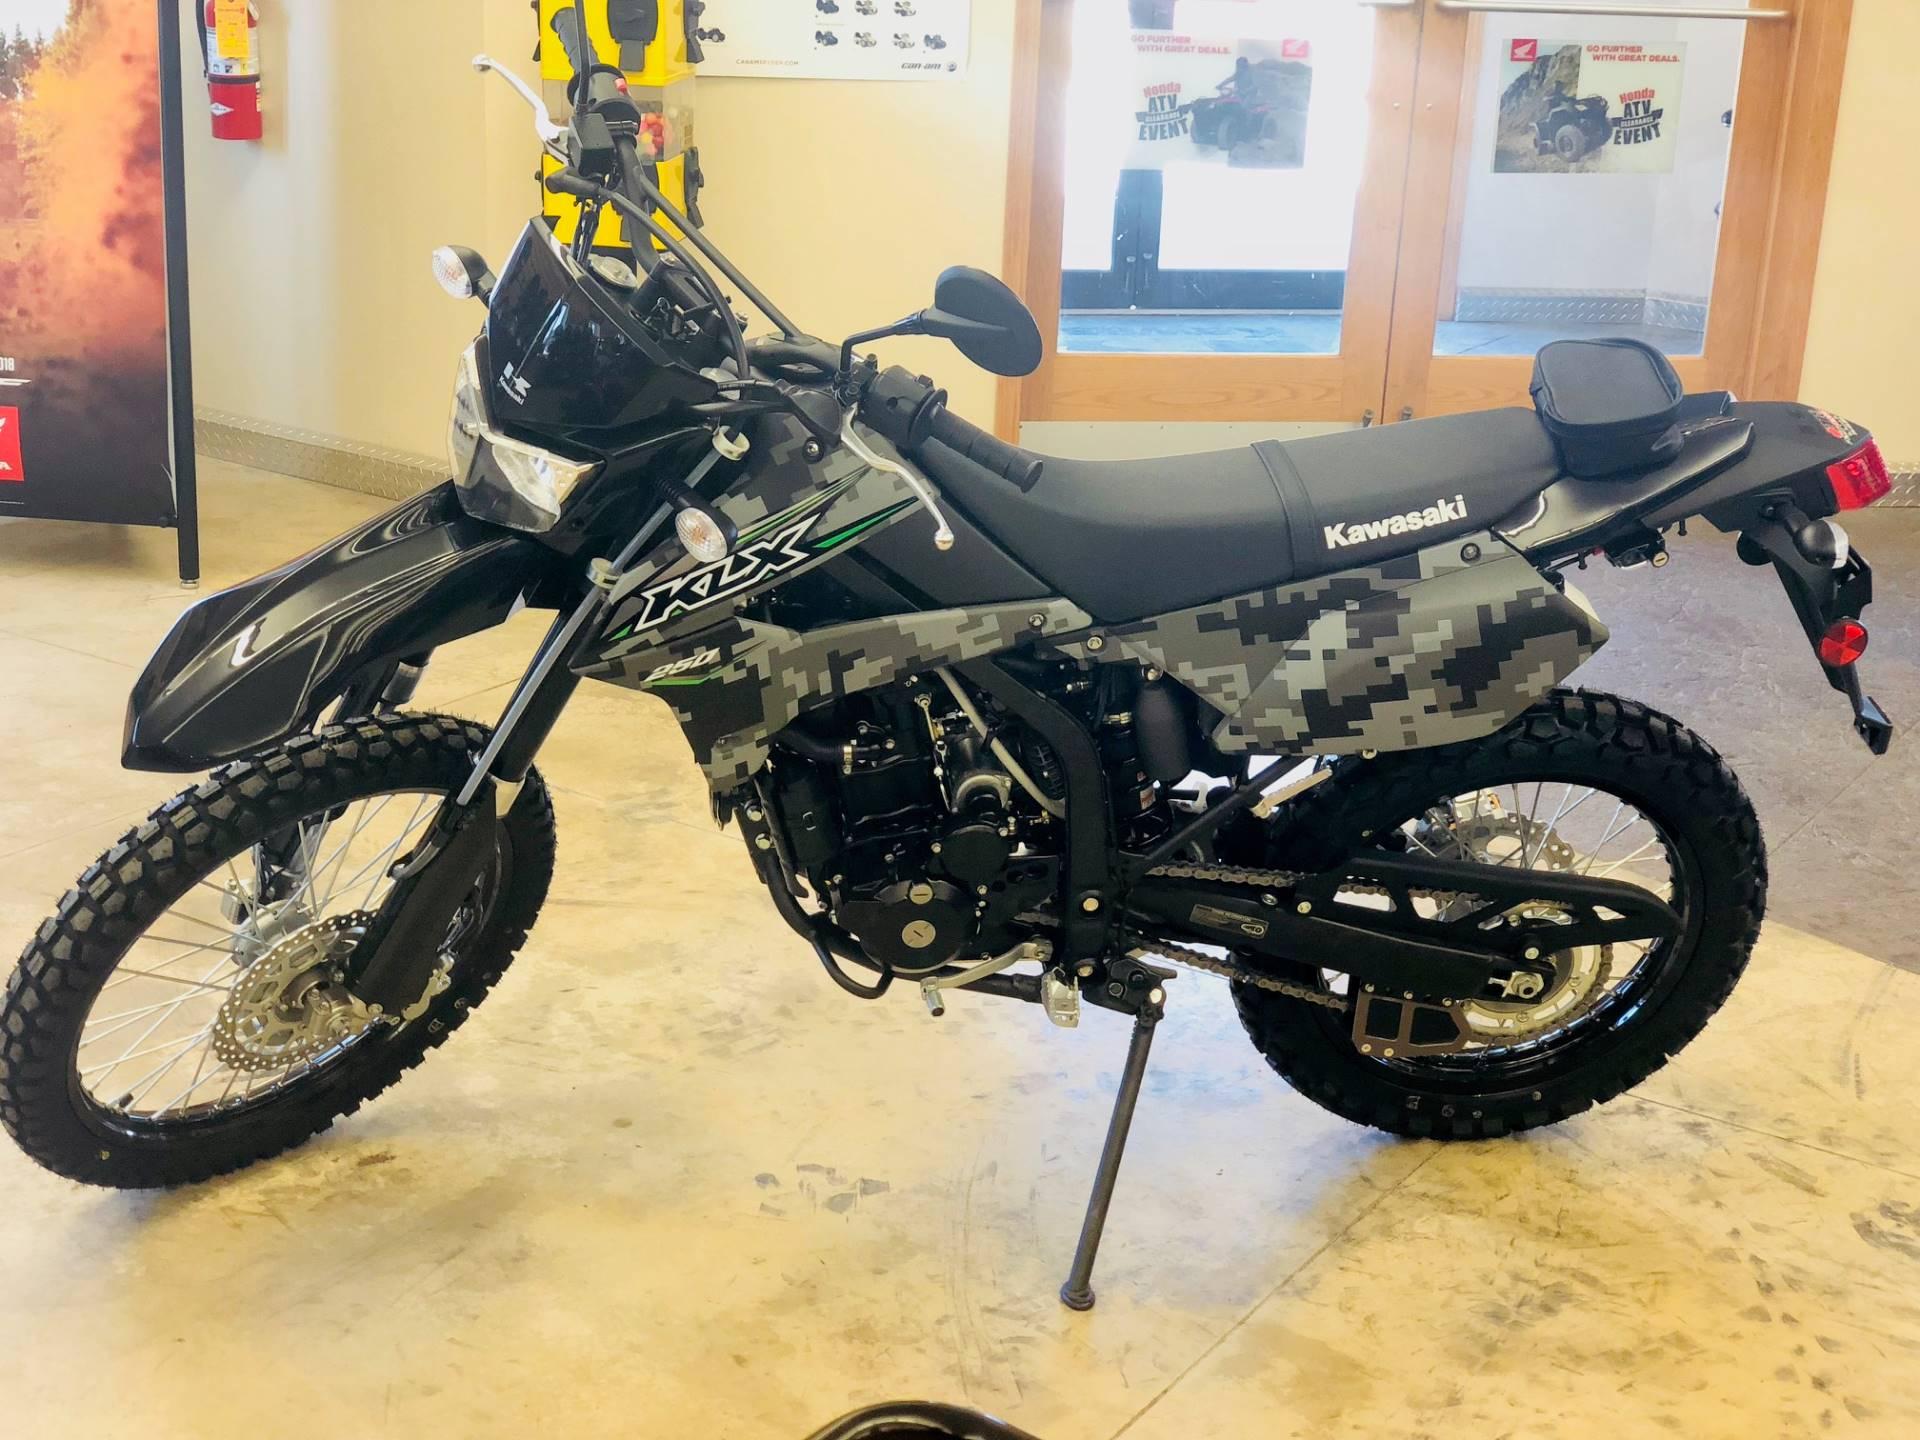 Pre Owned Kawasaki Motorcycles